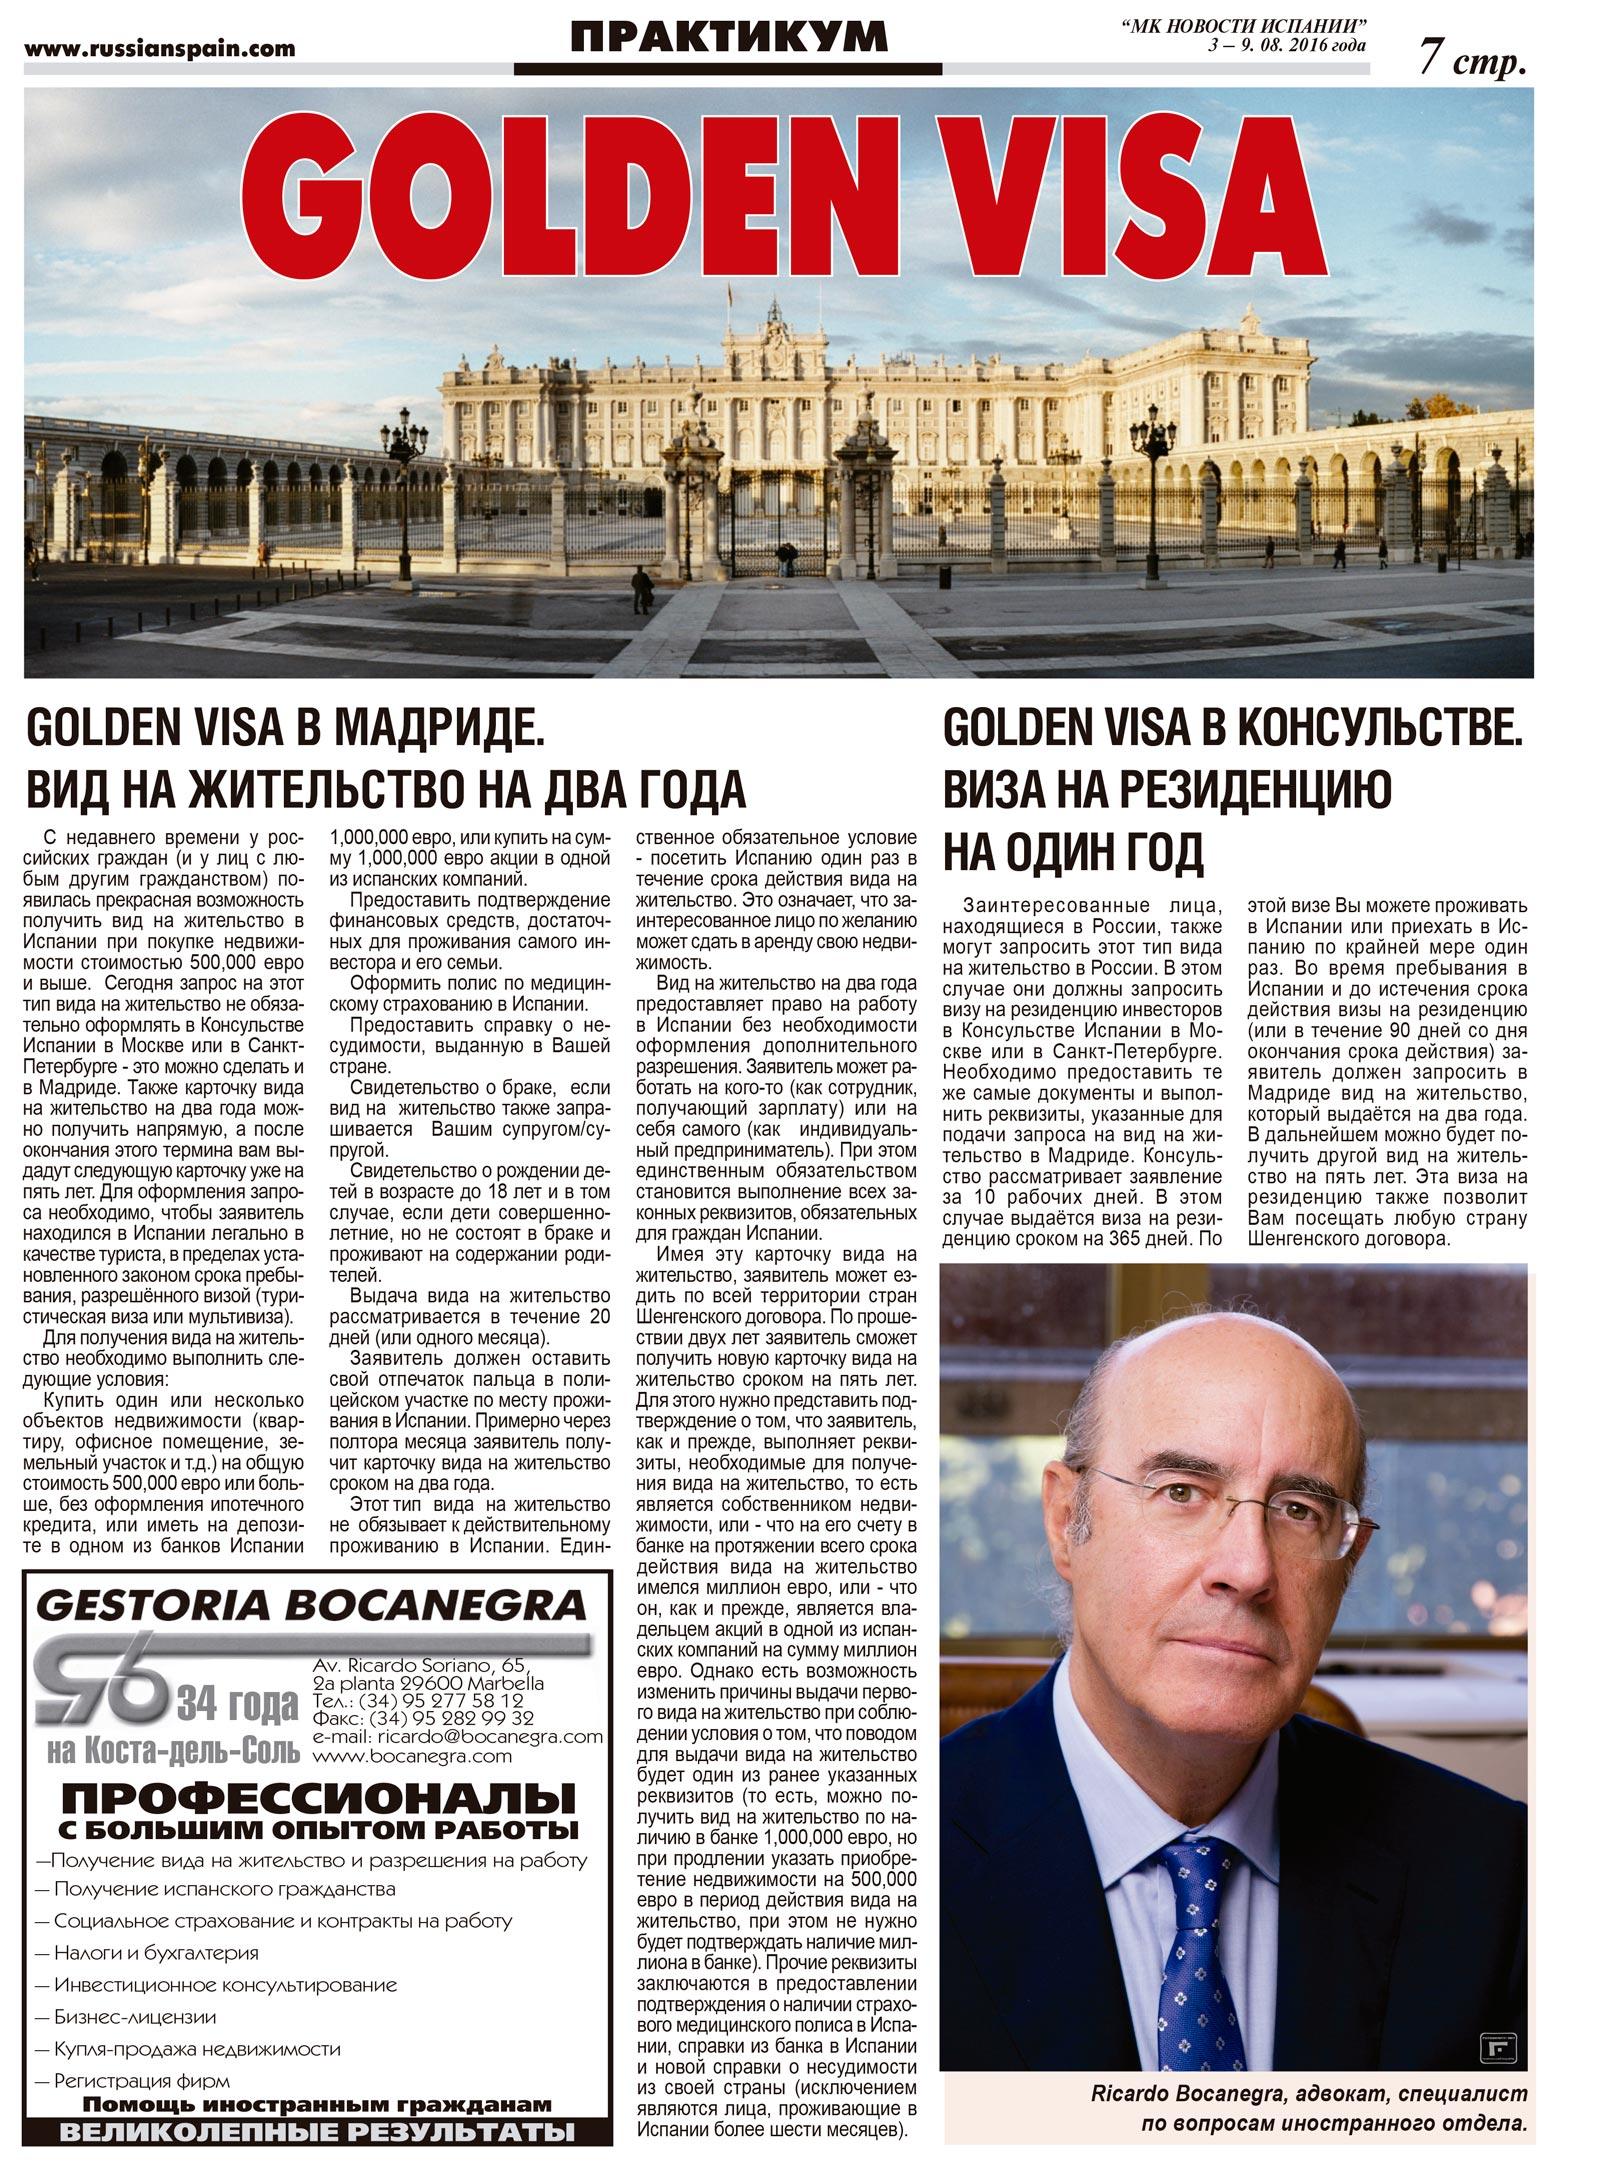 bocanegra-periodico-ruso